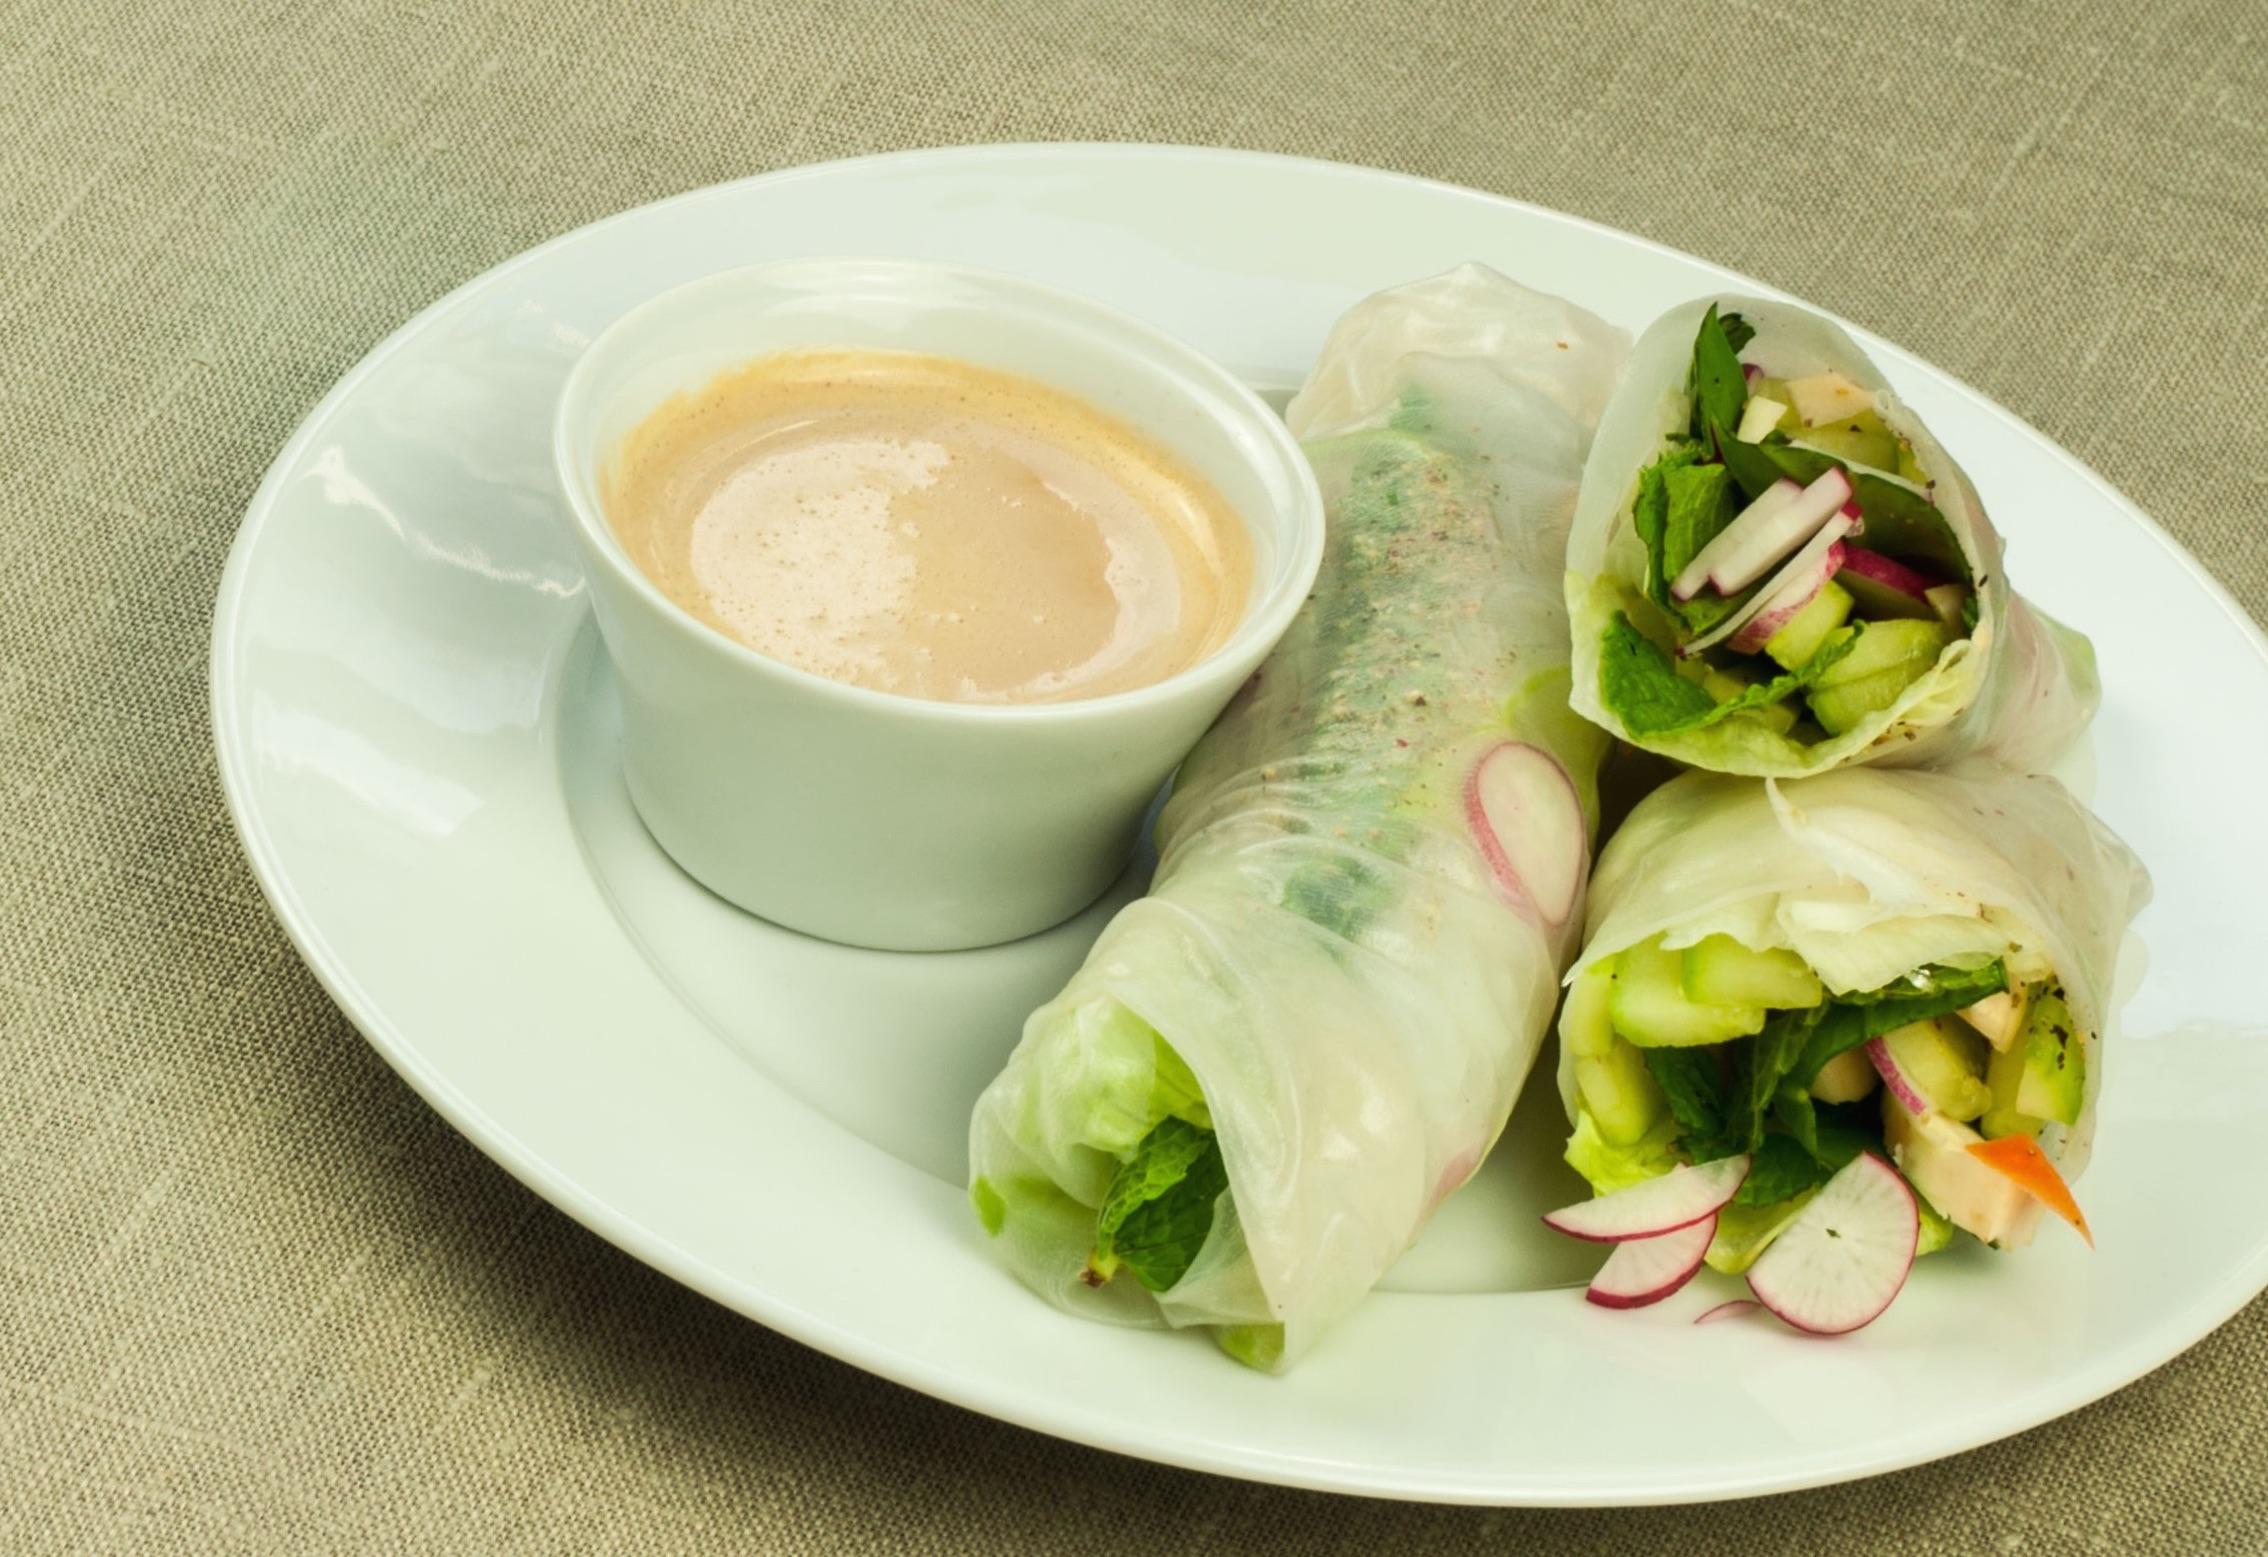 Rouleaux de printemps frais avec sauce au tahin 1 2 3 - Comment cuisiner les germes de soja frais ...